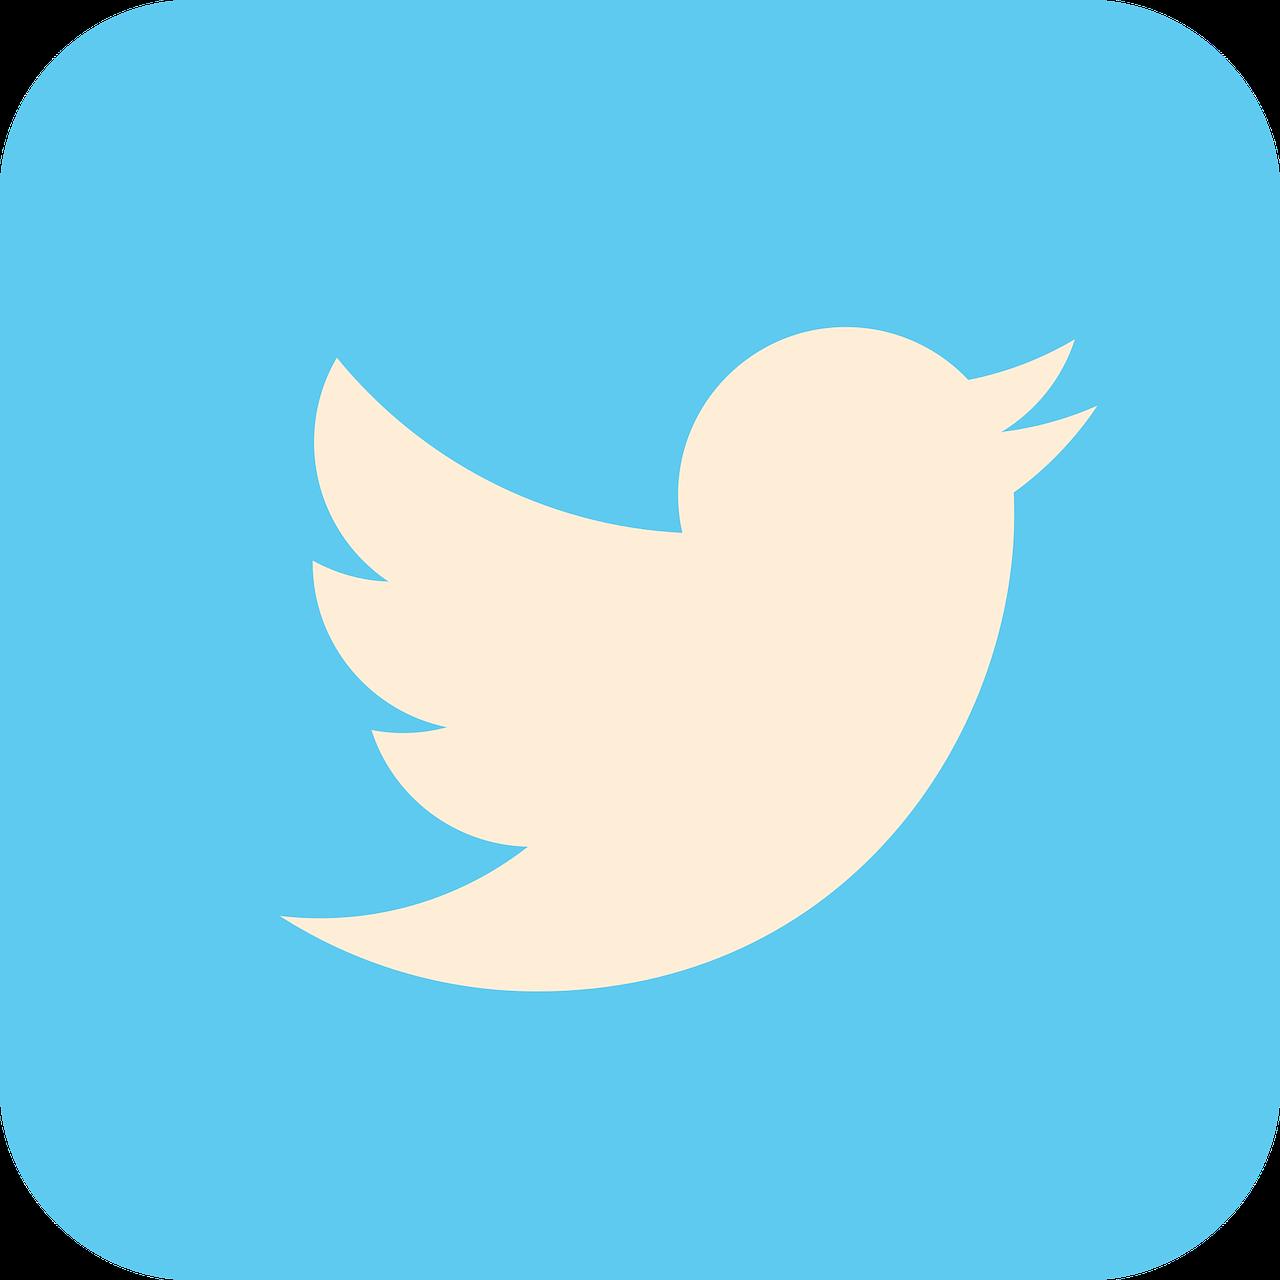 Twitter: tools and strategies for researchers / Twitter: dulliau a strategaethau ar gyfer ymchwilwyr